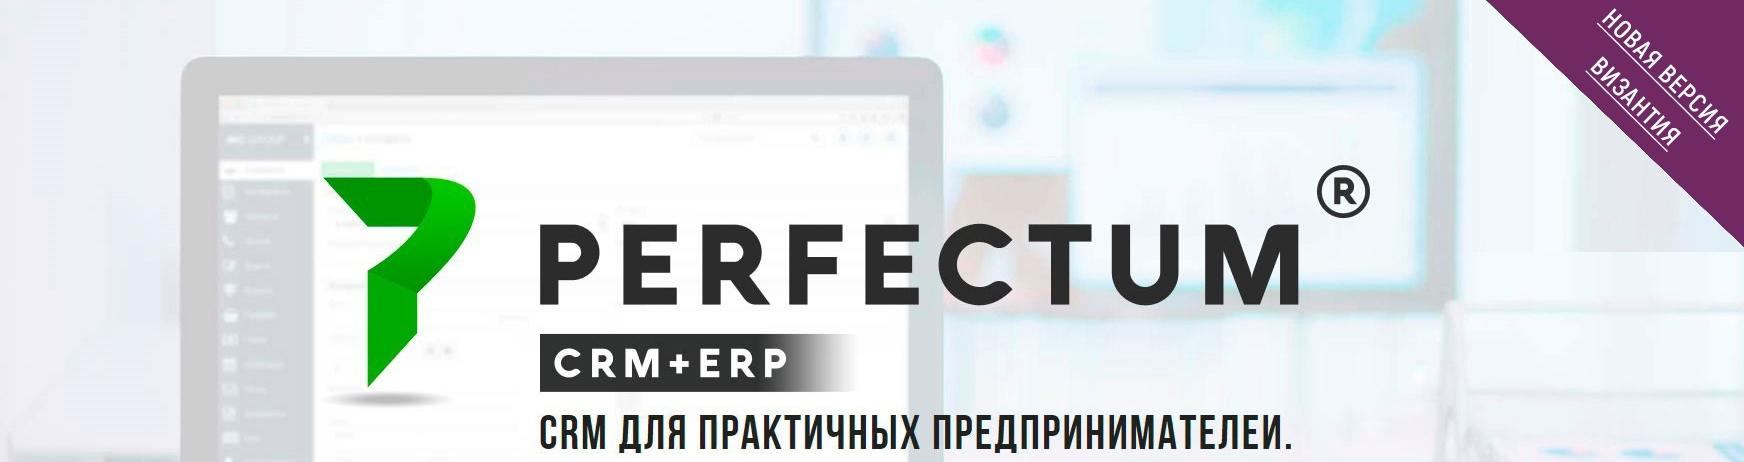 Новая версия Perfectum CRM+ERP 3.3